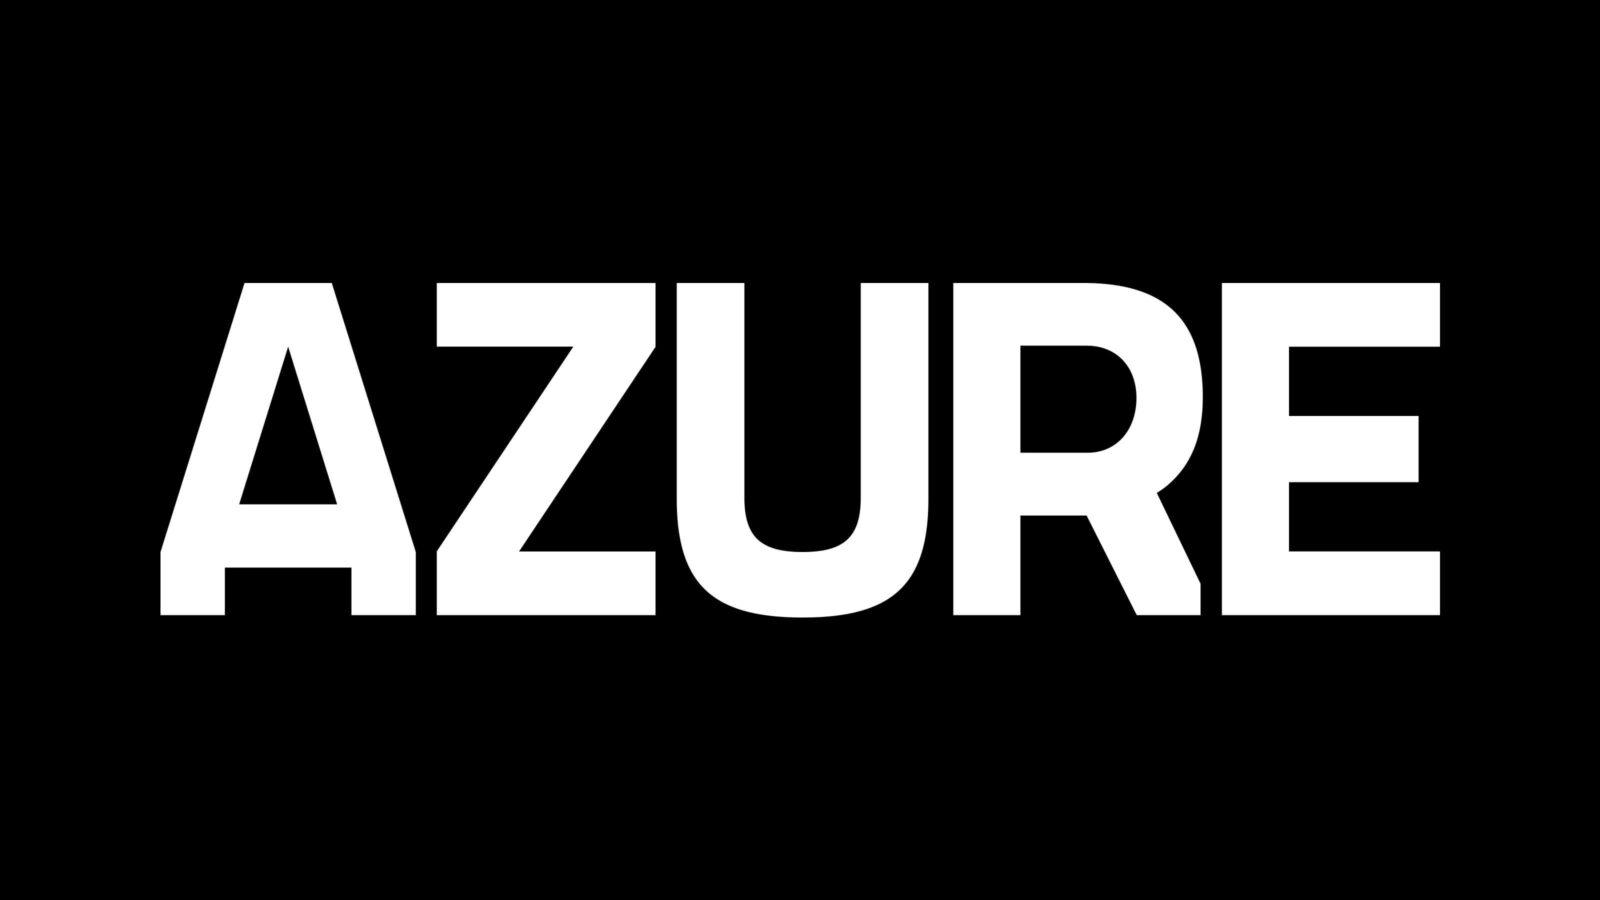 New Azure Website